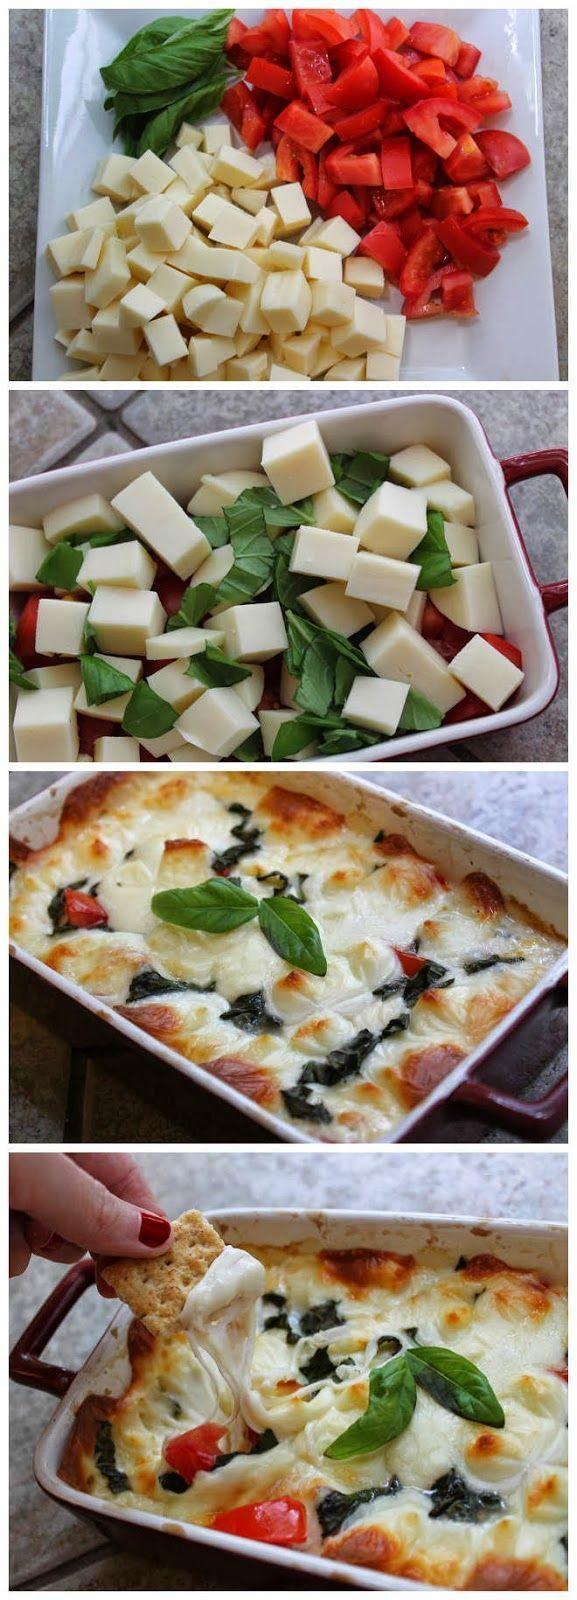 Recetas faciles y ricas con tomates , muzza , sal , pimienta y albahaca en cubitos y gratinado al horno Rodajas de tomate , ajo , perejil y queso parm...